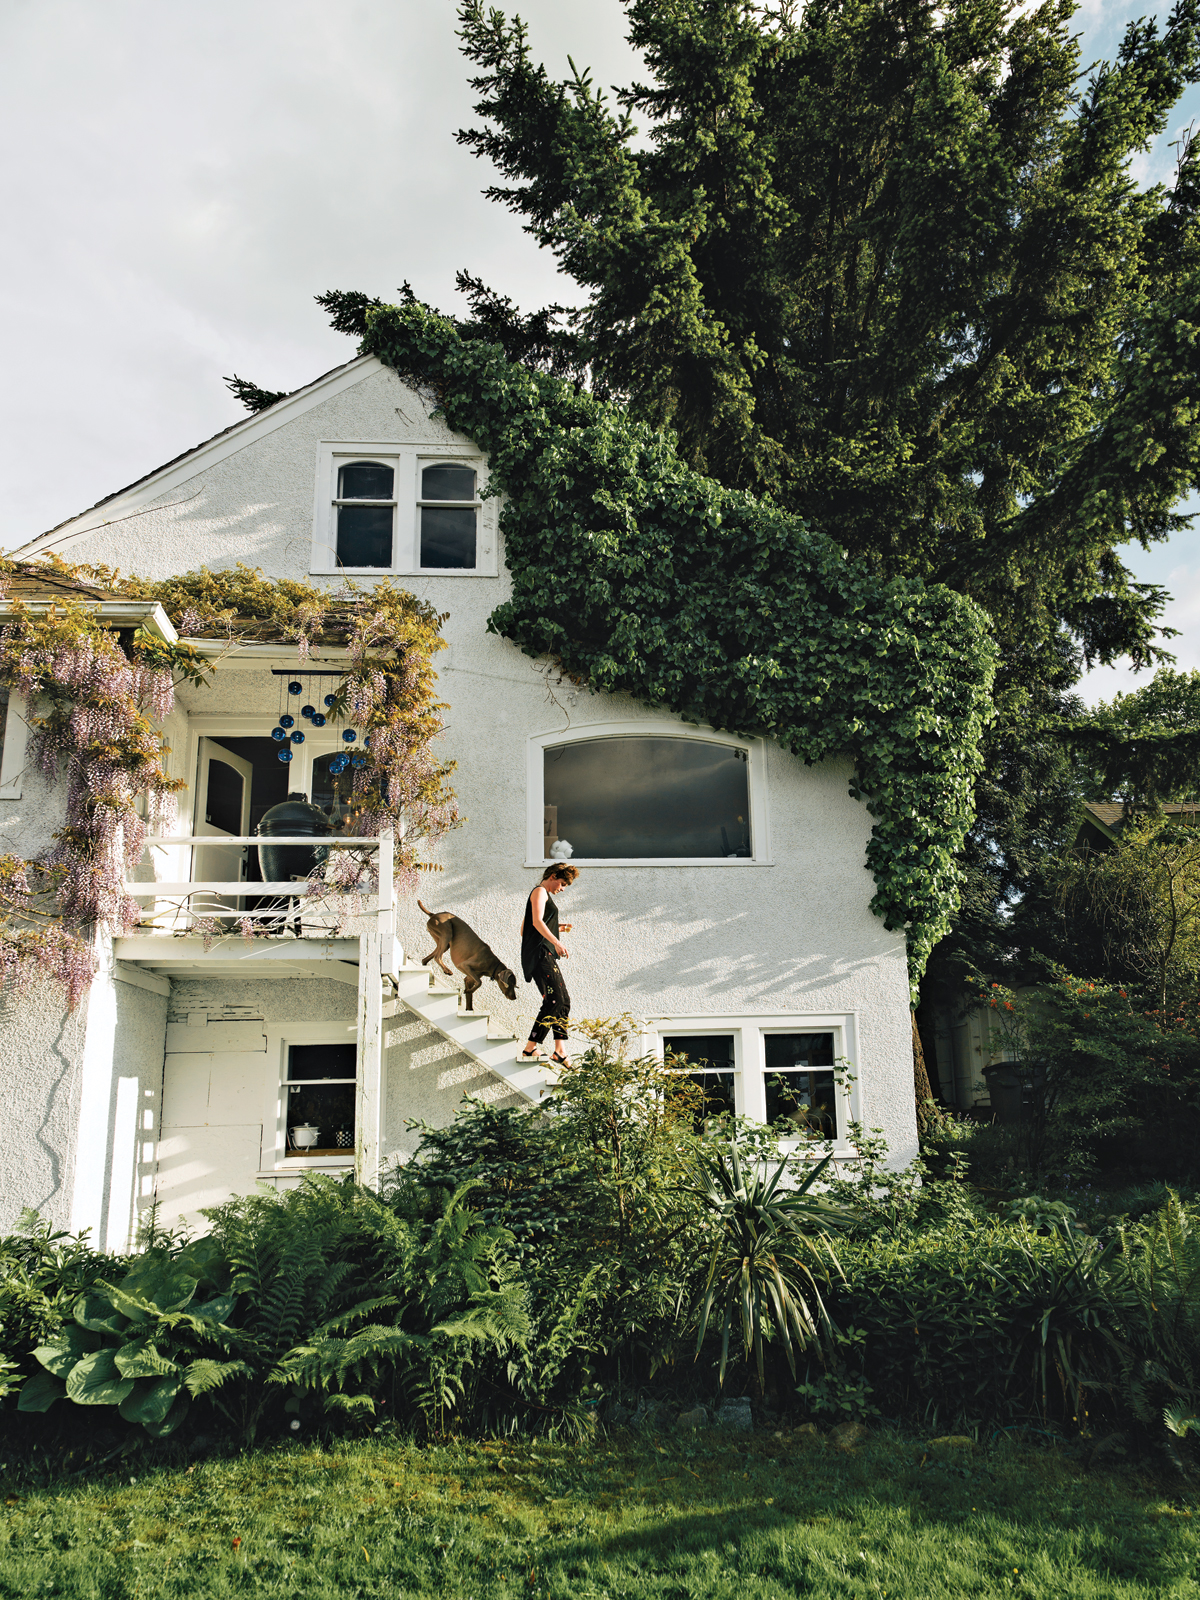 Designer Omer Arbel's Vancouver home exterior